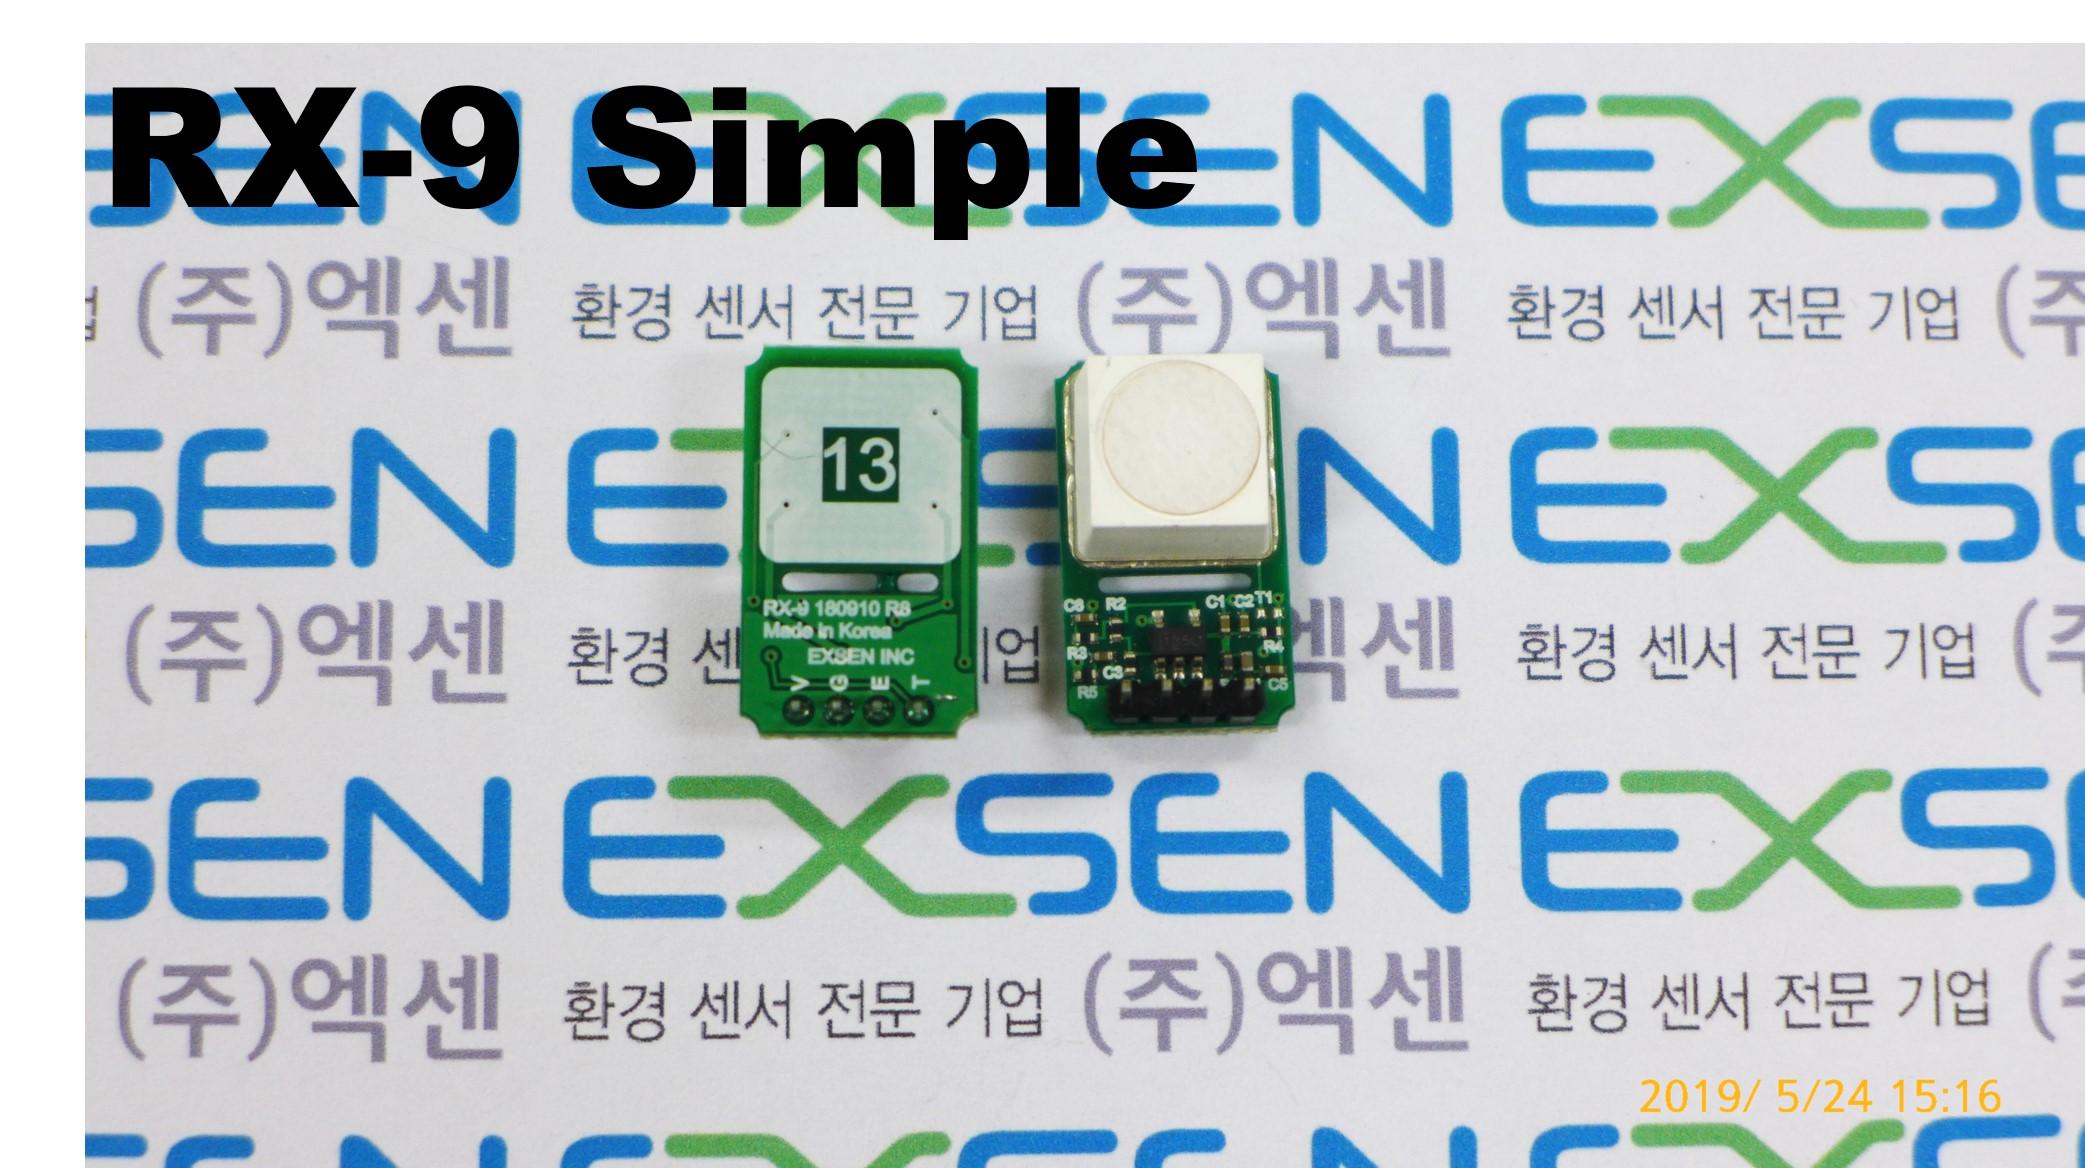 RX-9_006.jpg